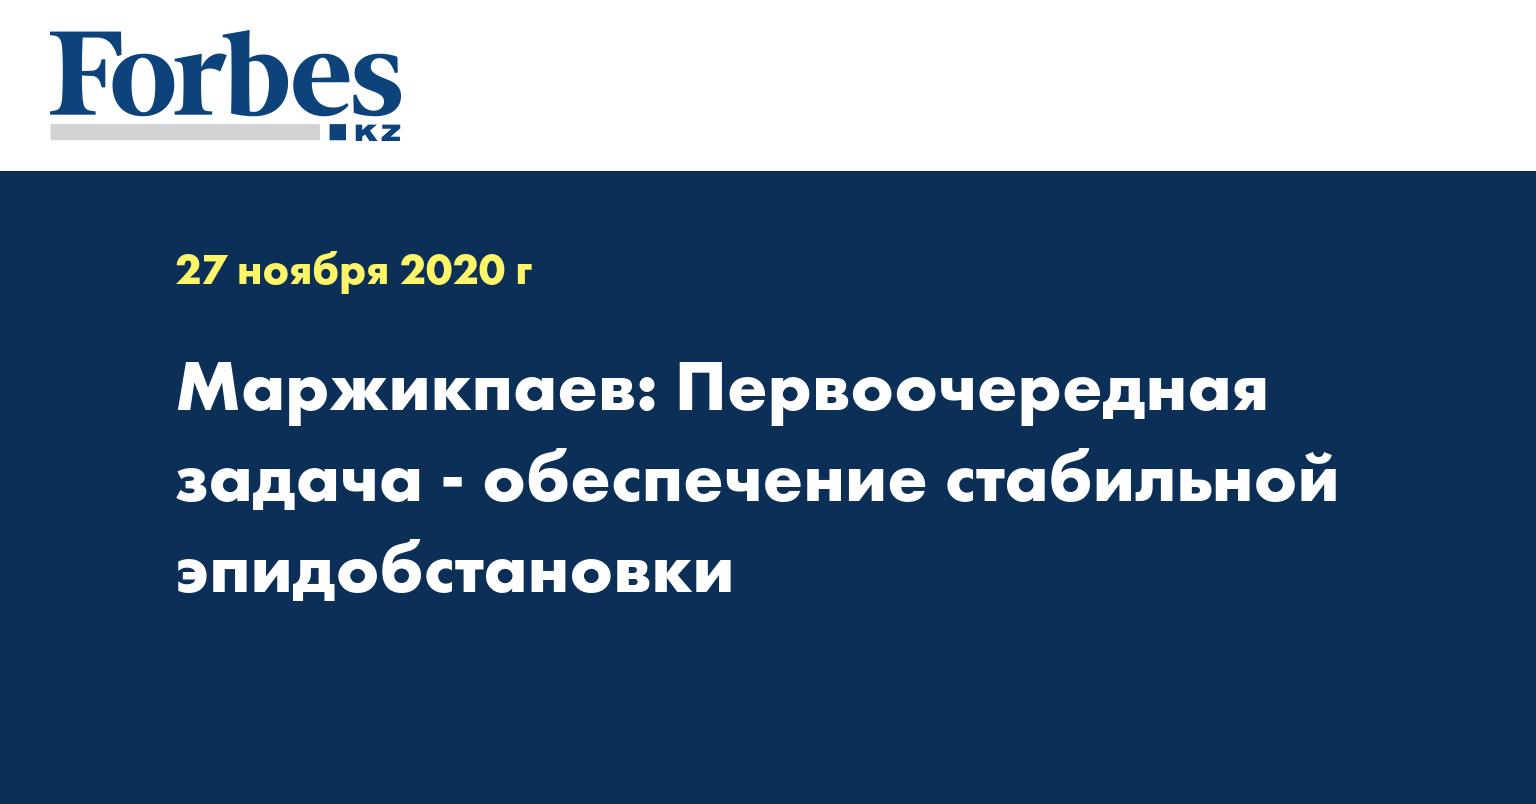 Маржикпаев: Первоочередная задача - обеспечение стабильной эпидобстановки